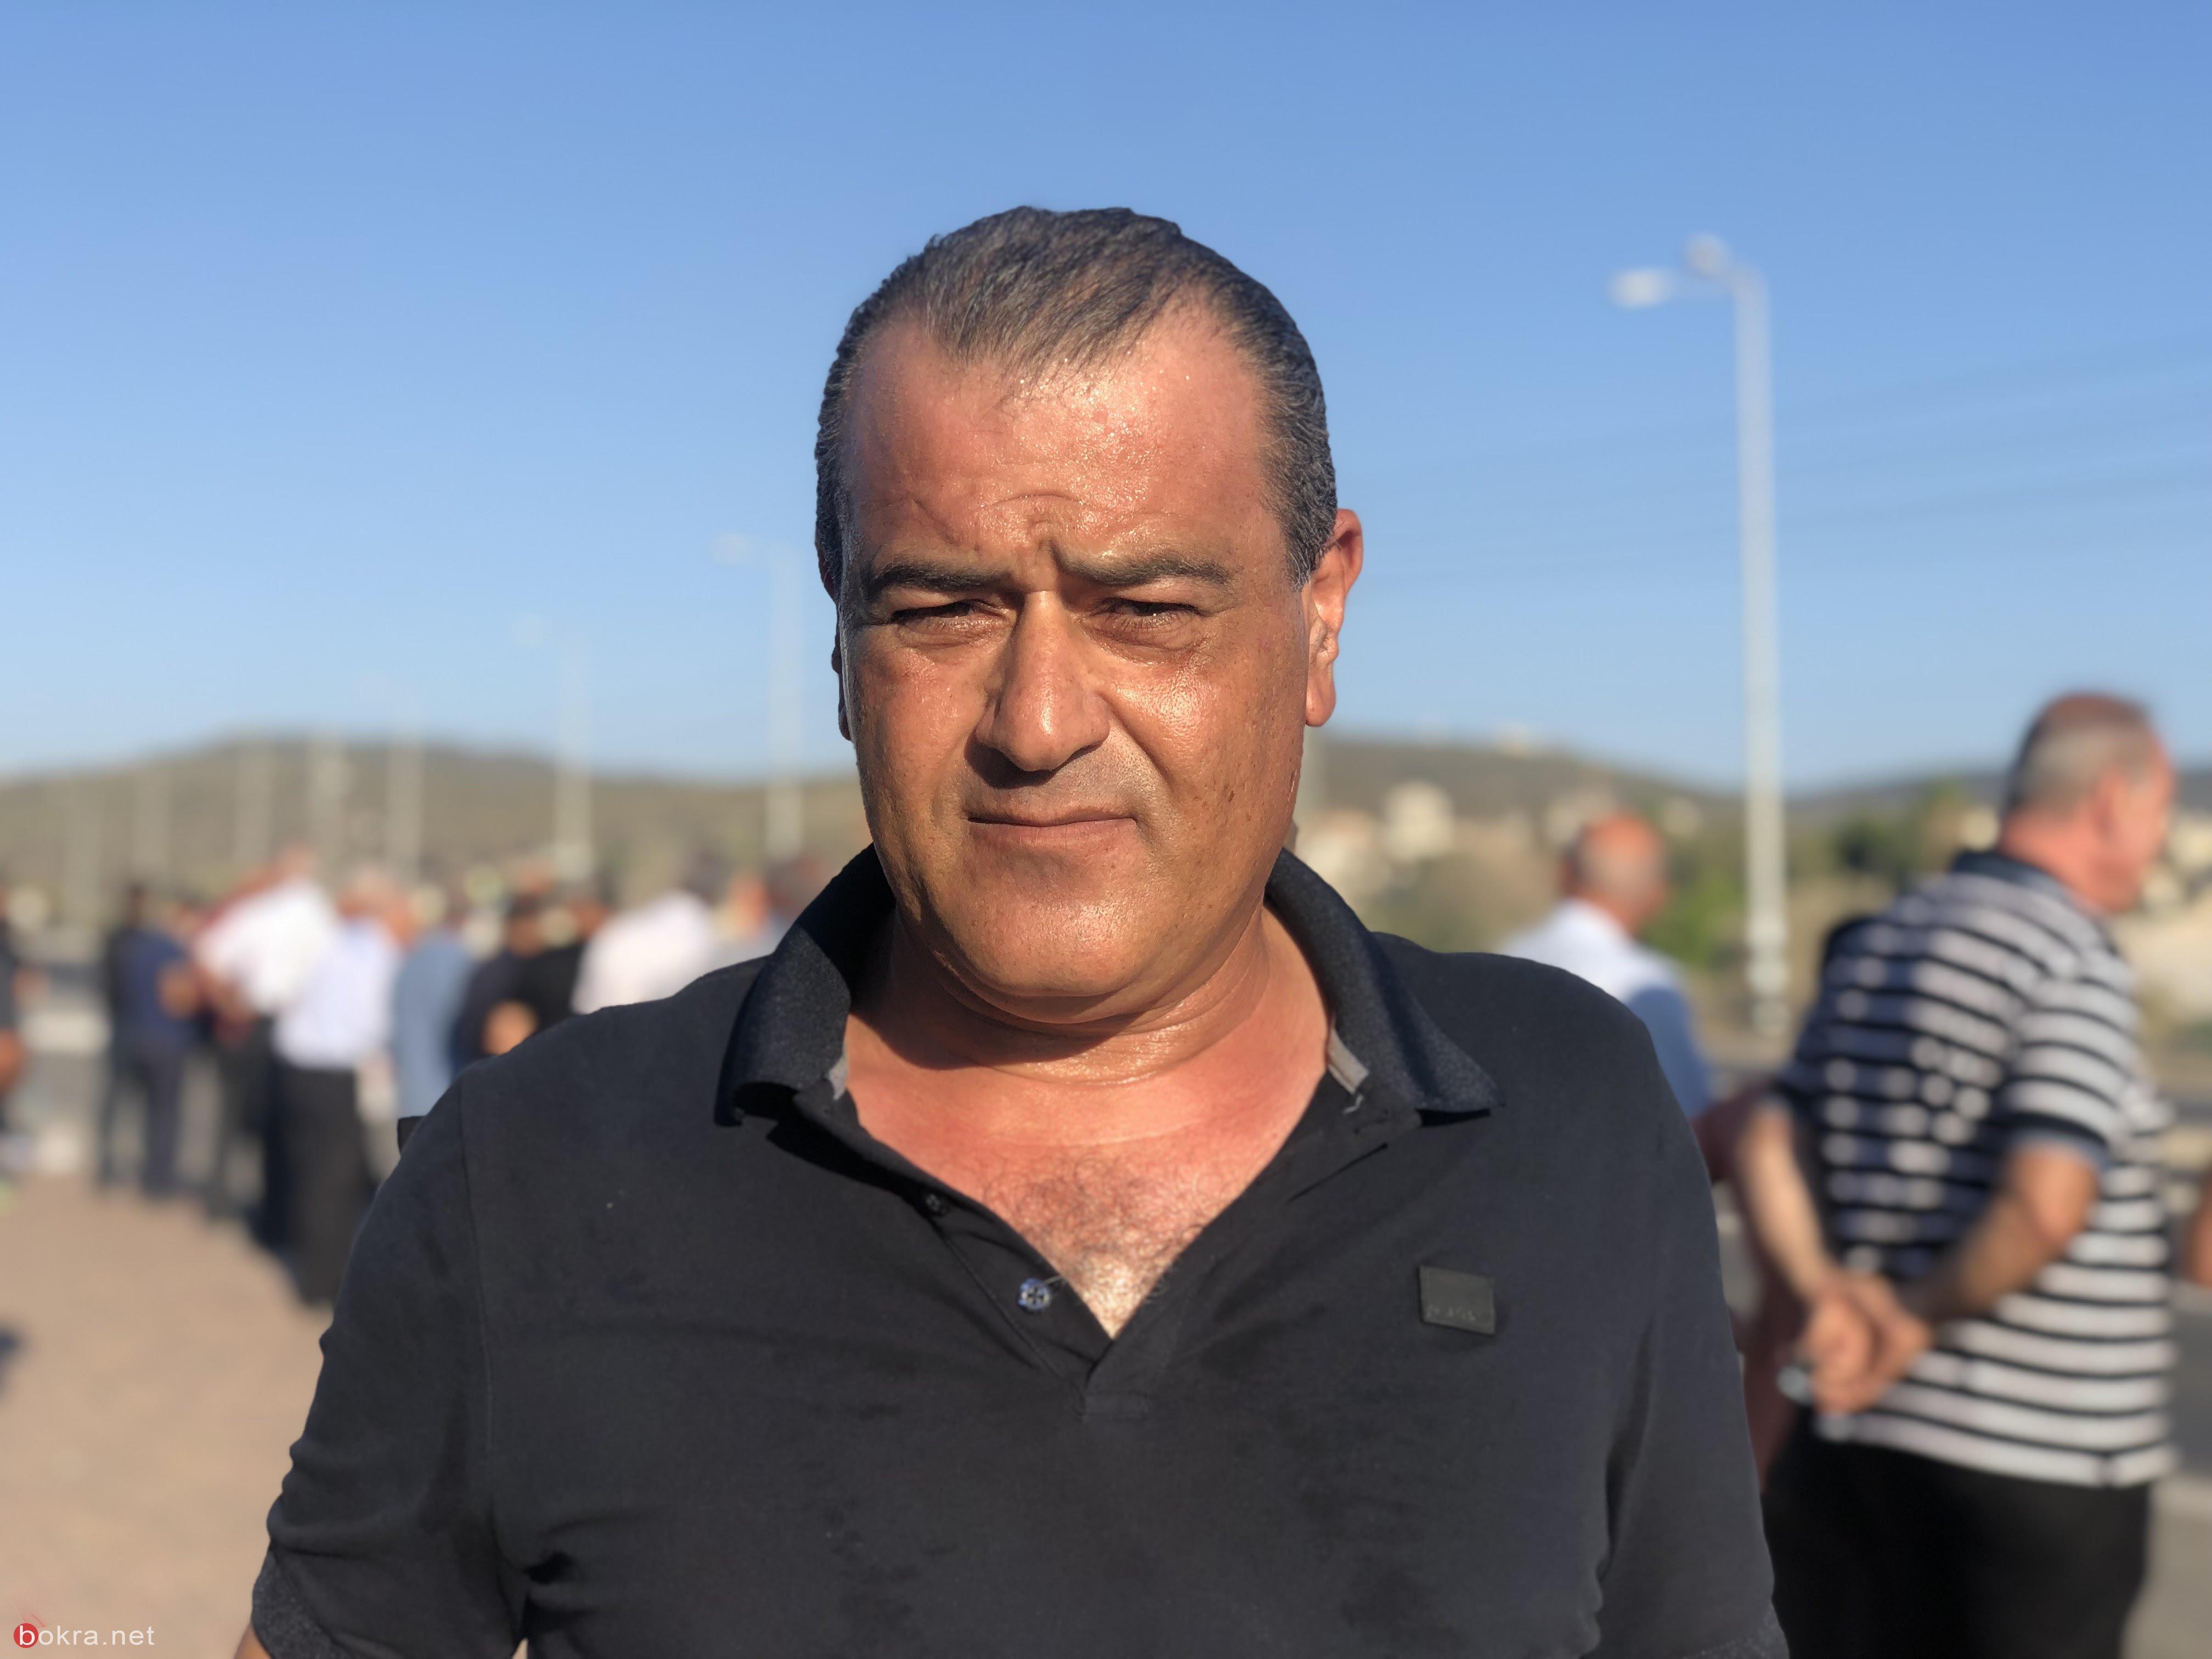 """قياديون """"لبكرا"""" قضايا الجريمة والعنف بالمجتمع العربي تقع على الحكومة والشرطة-1"""